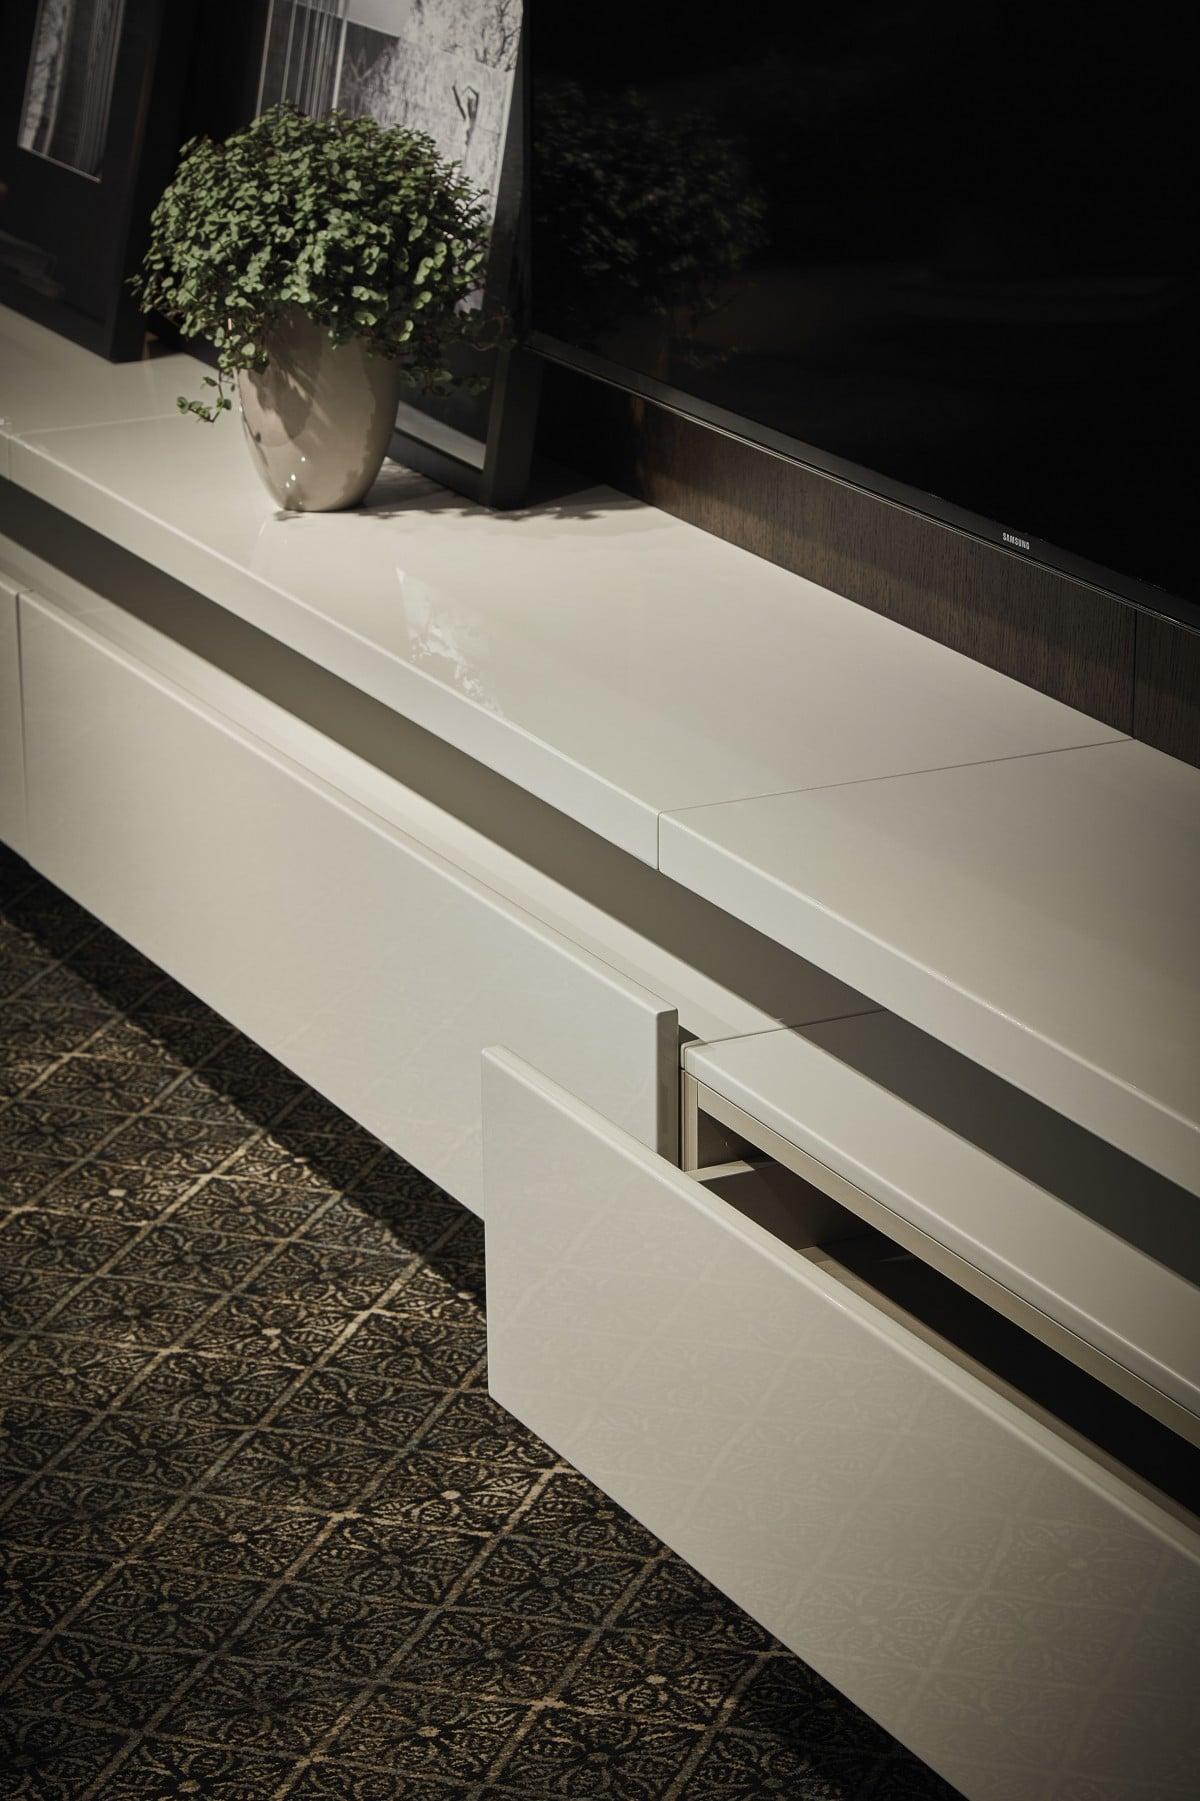 Acabamento desenvolvido em parceria com Pedro Lourenço, o padrão Moon têm suas nuances metalizadas harmonizadas com veios delicados e sinuosos que flutuam sobre tons de cinza iluminados.jpg